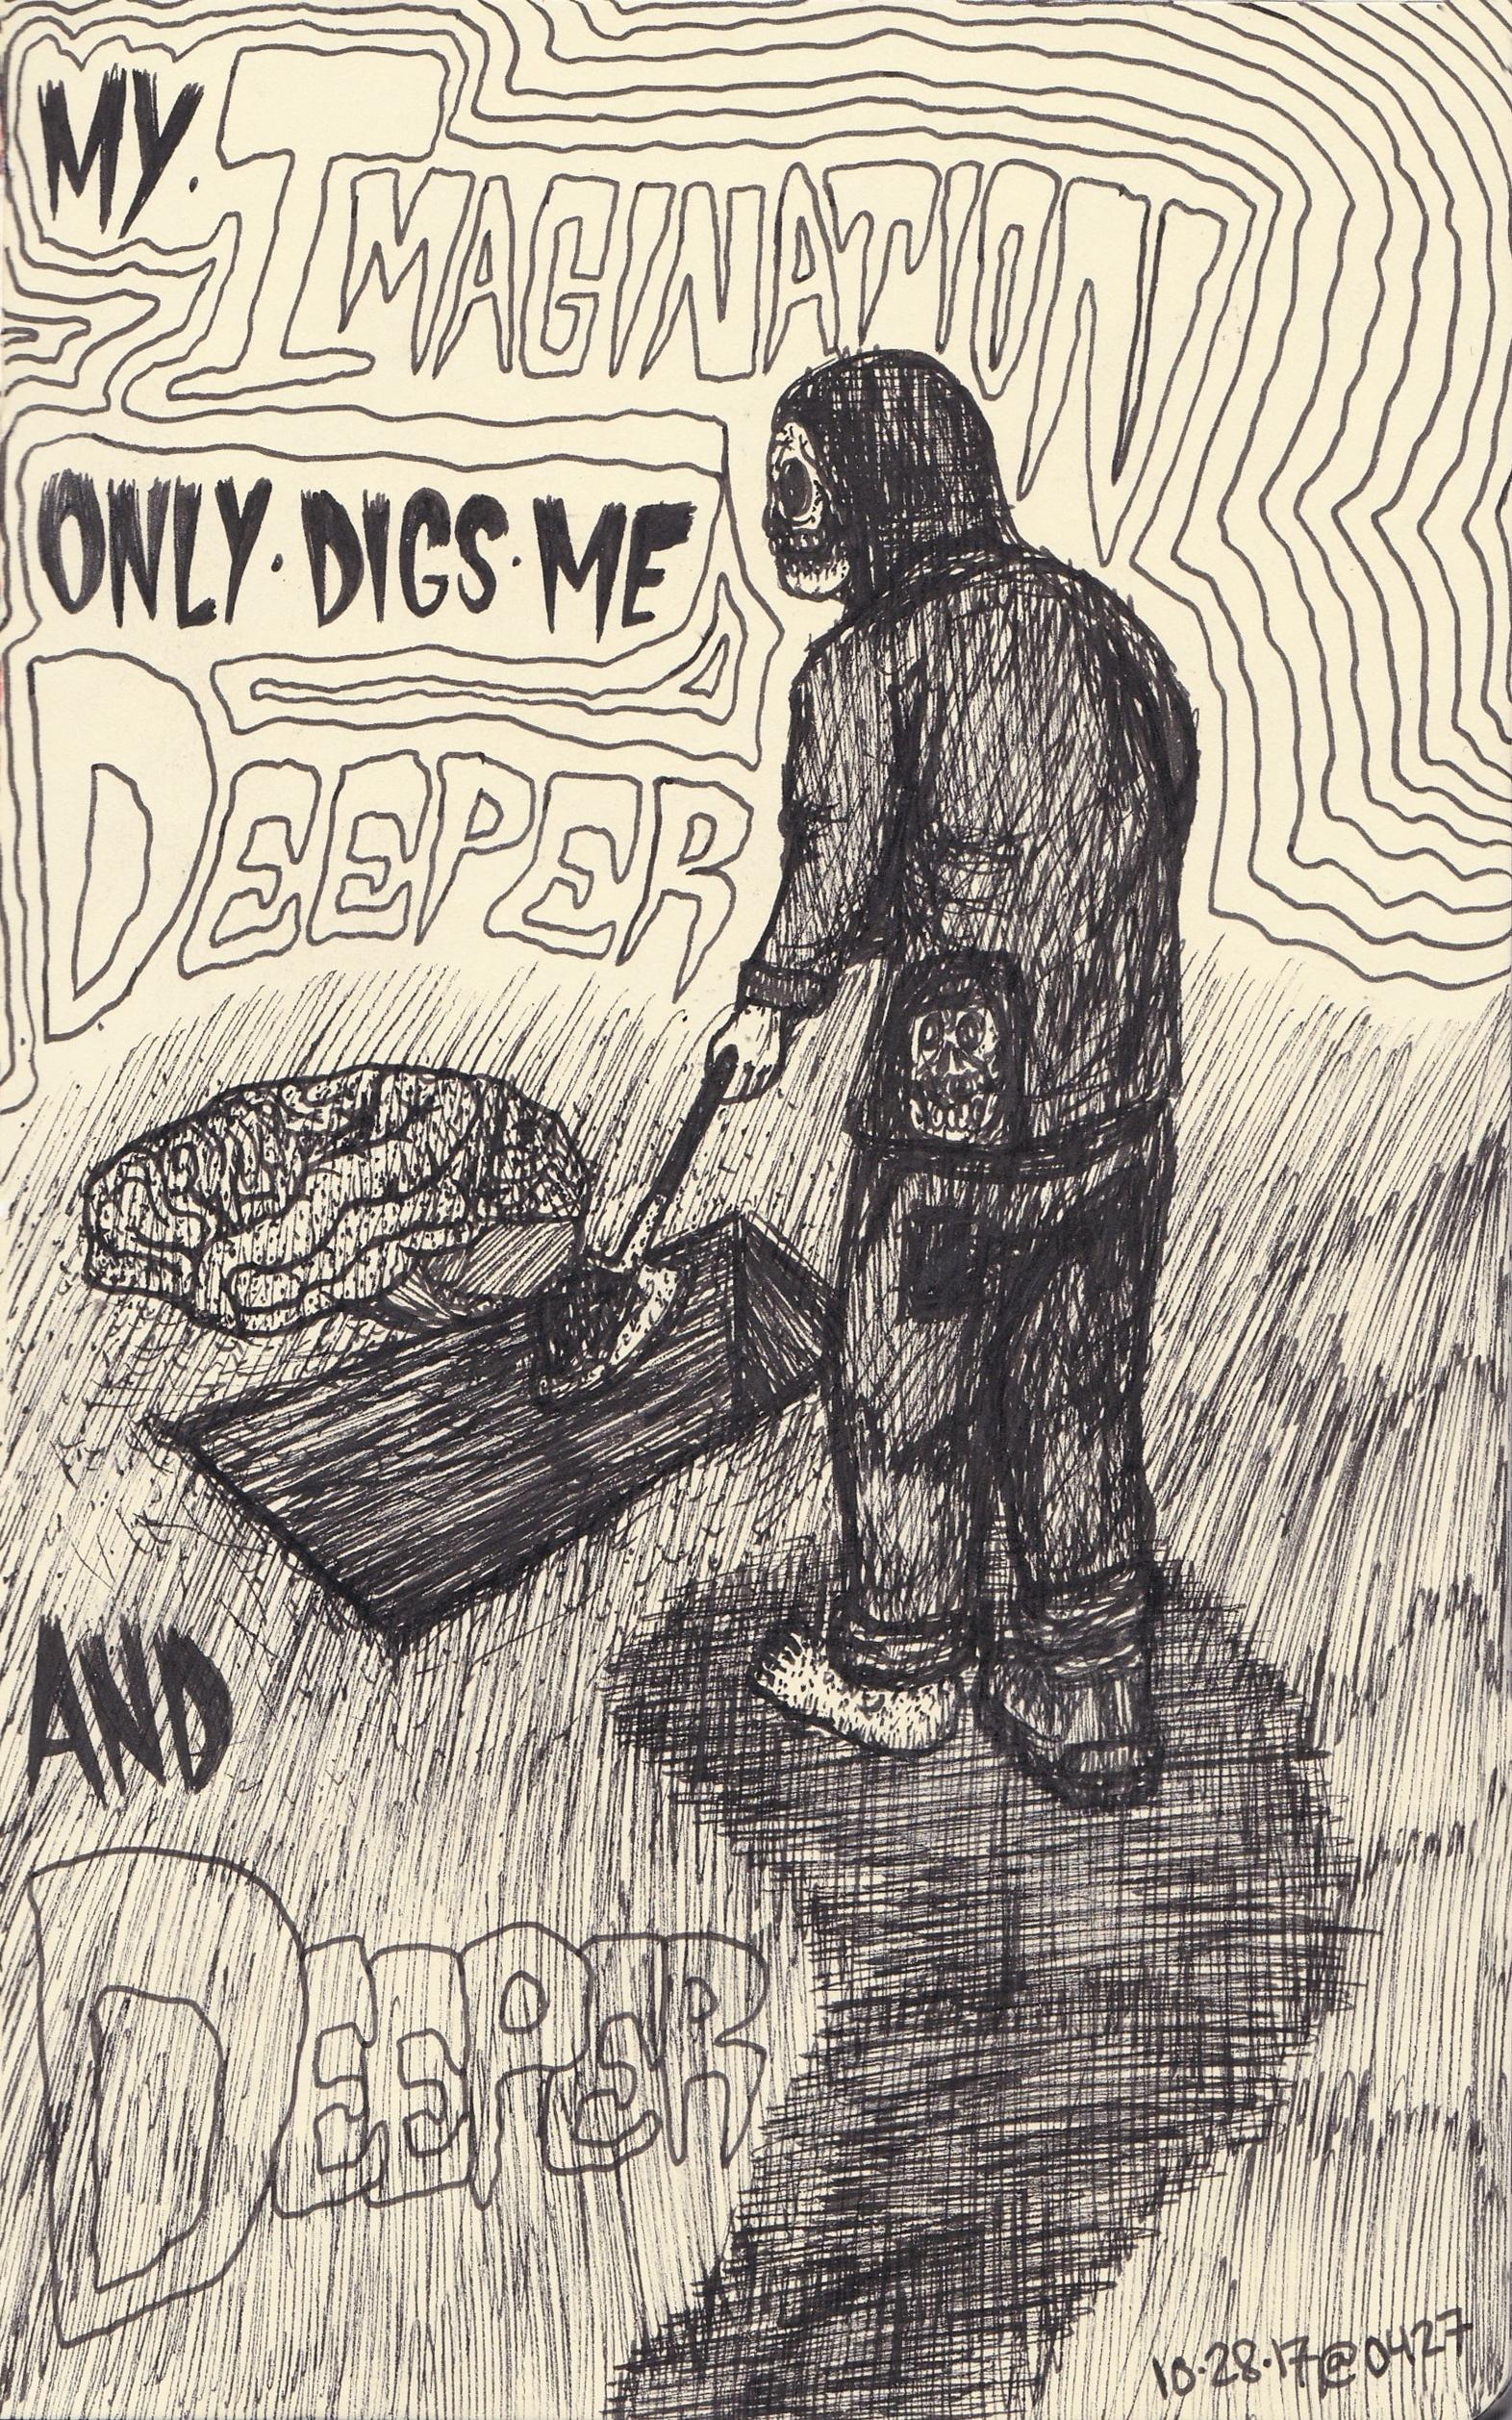 Digging too deep